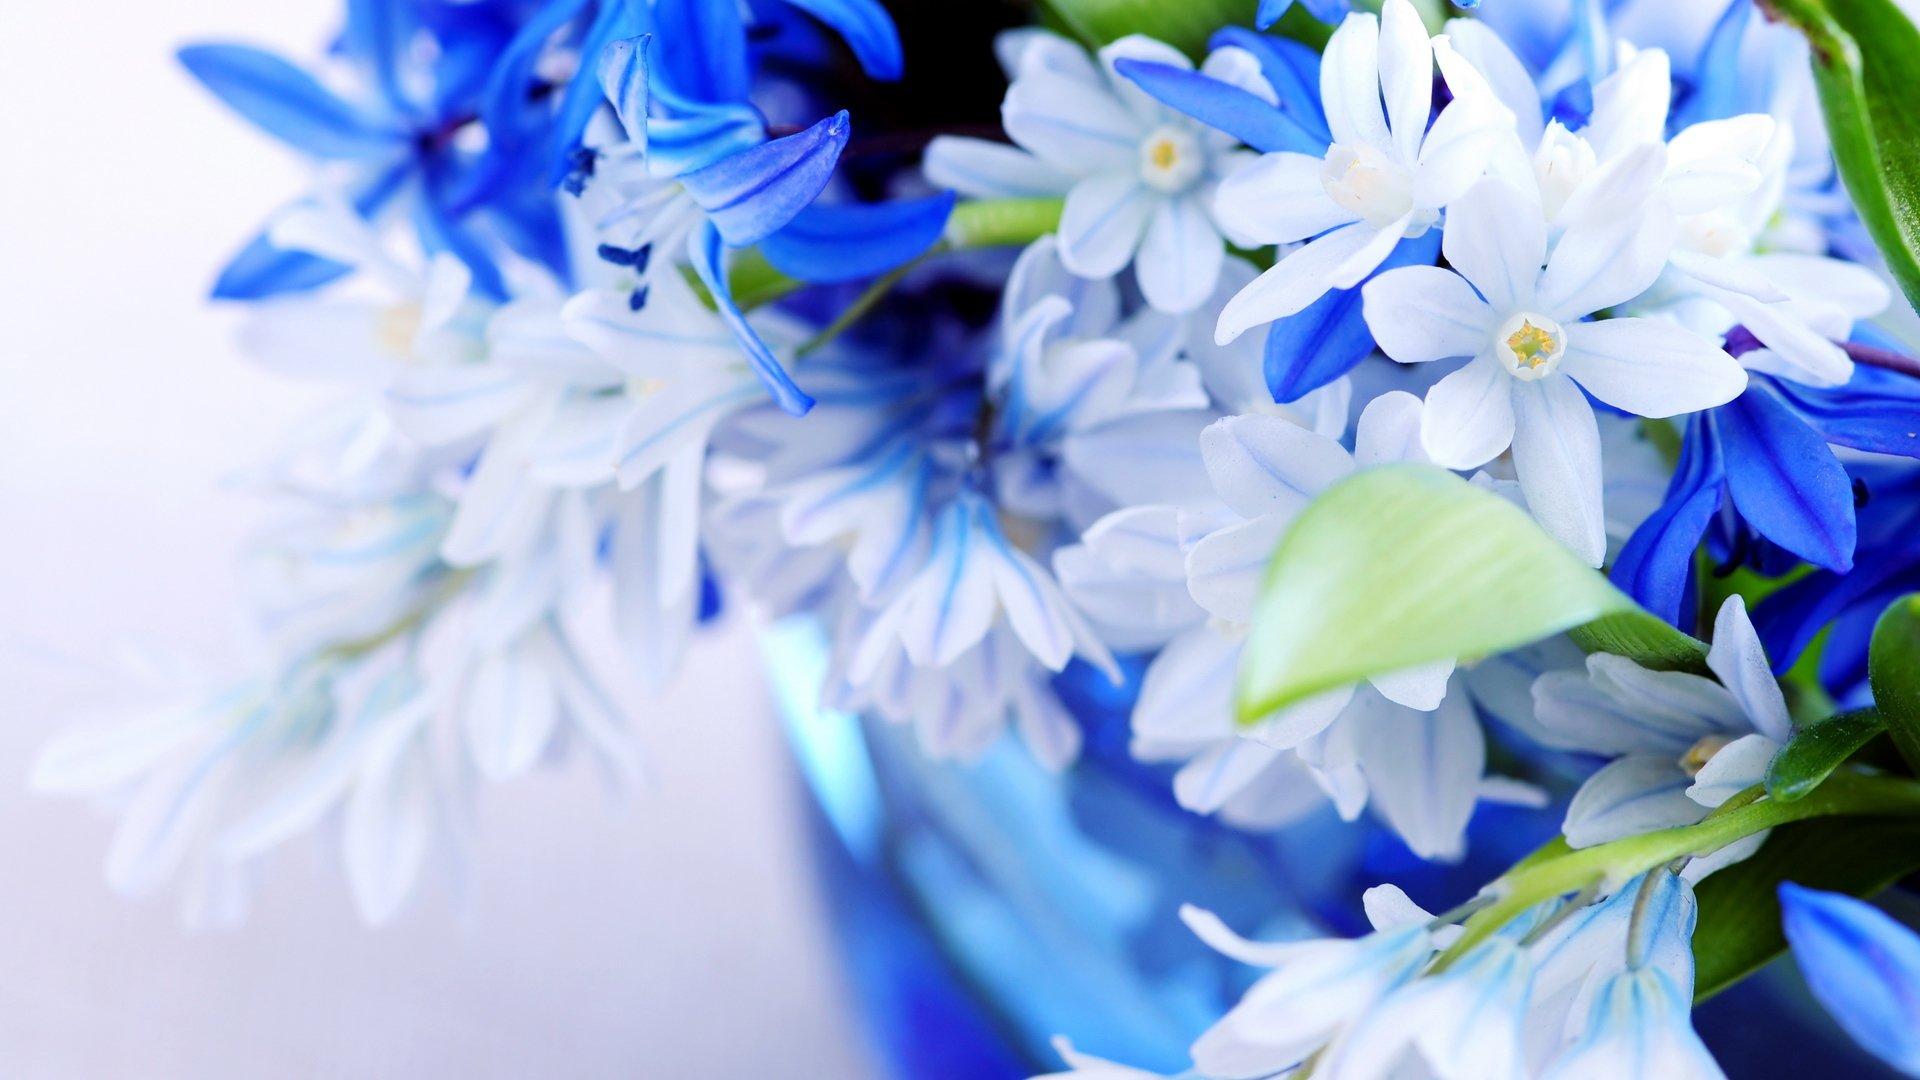 обои на телефон про цветы поиск, онлайн заказ